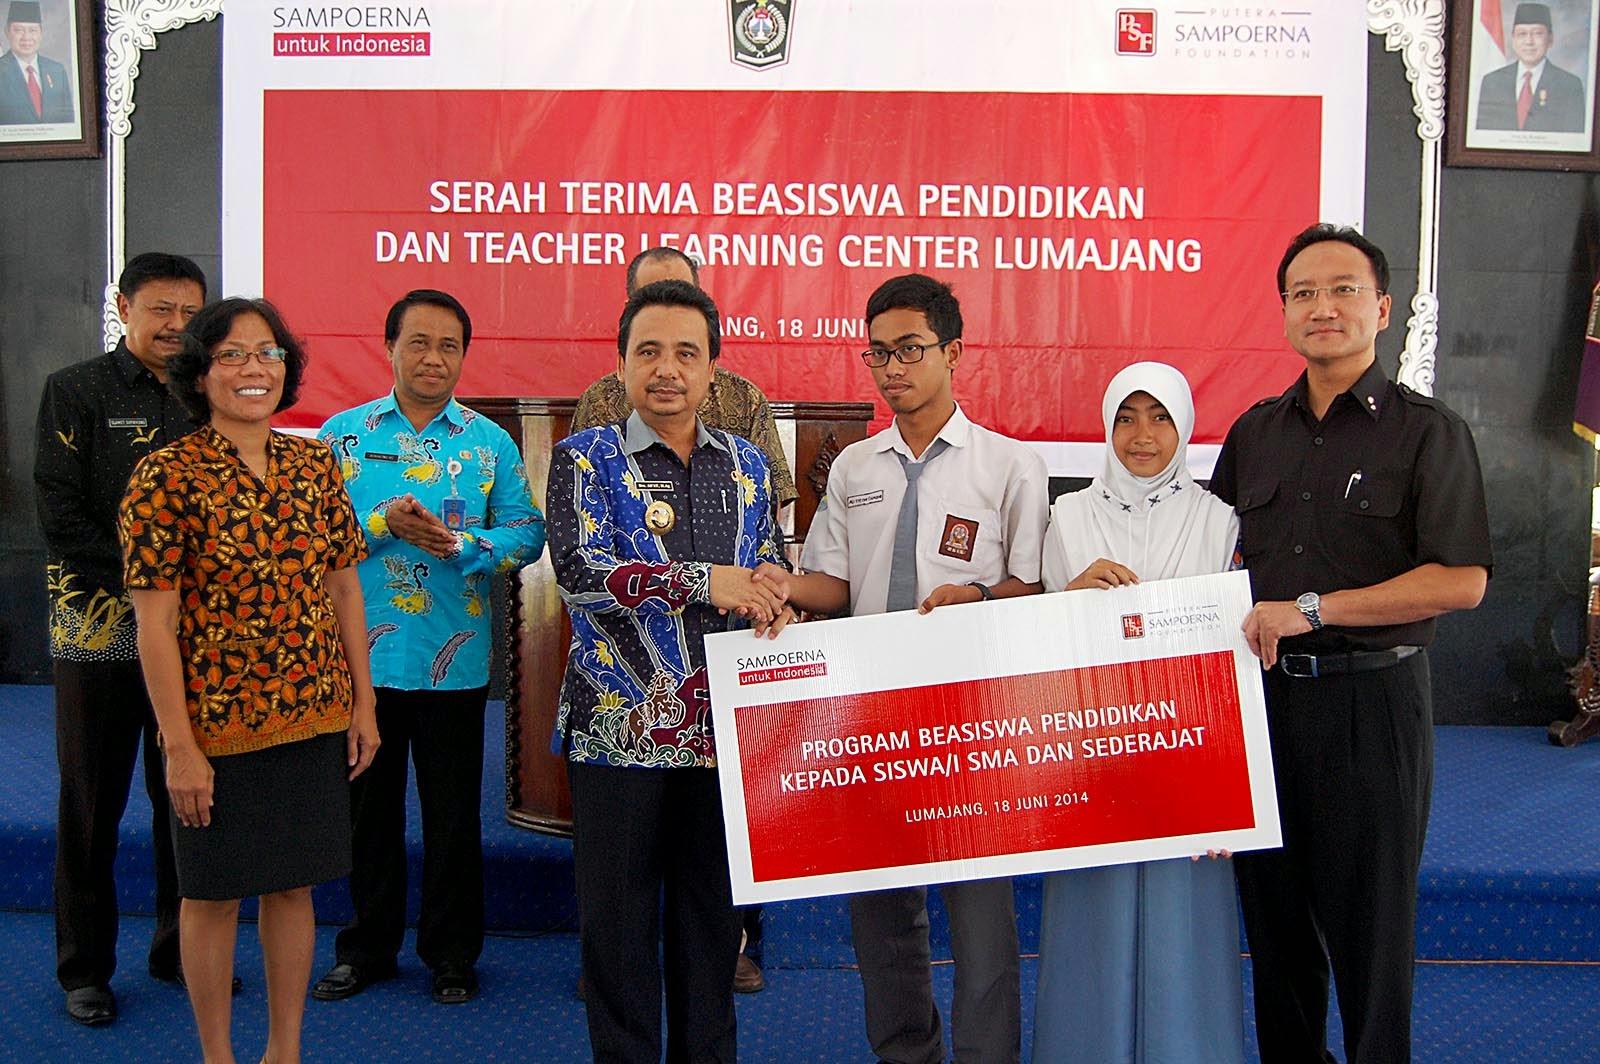 Pendidikan Karakter Untuk Sma Dasar Pendidikan Indonesia Serah Terima Beasiswa Pendidikan Oleh Pt Hm Sampoerna Kim Sinar